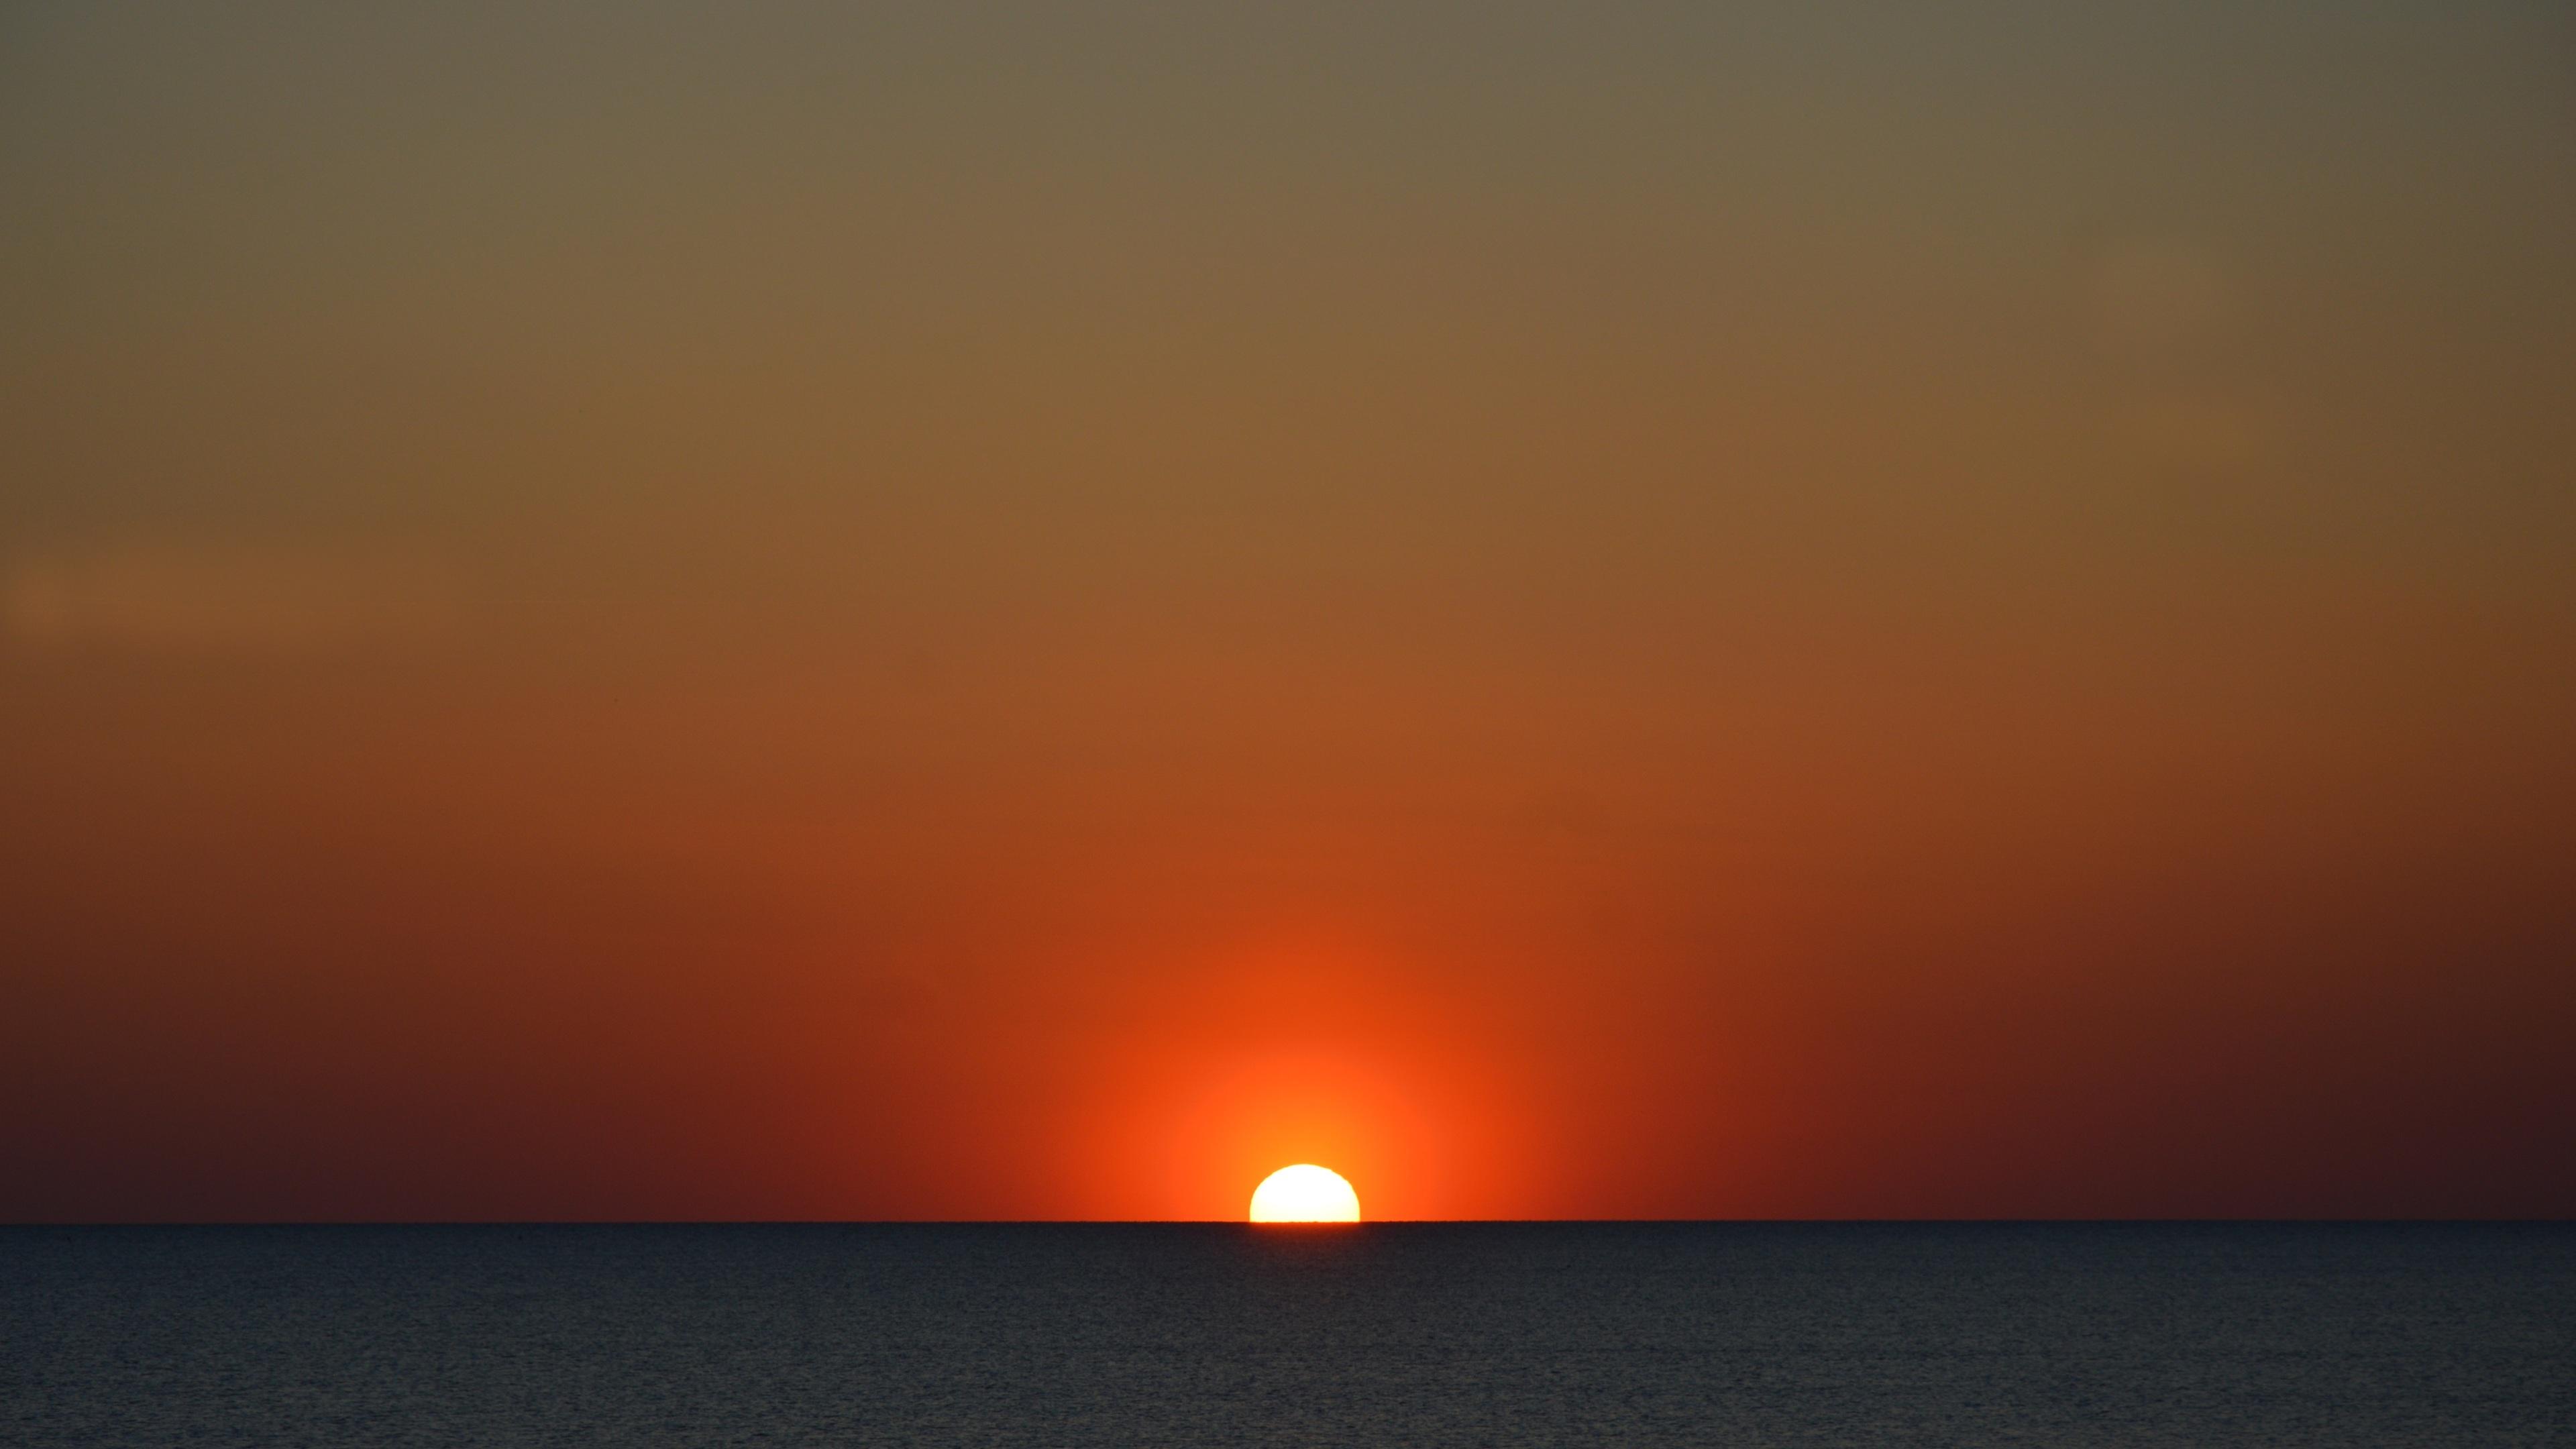 sun setting in body of water 4k 1540136316 - Sun Setting In Body Of Water 4k - sunset wallpapers, nature wallpapers, hd-wallpapers, 5k wallpapers, 4k-wallpapers